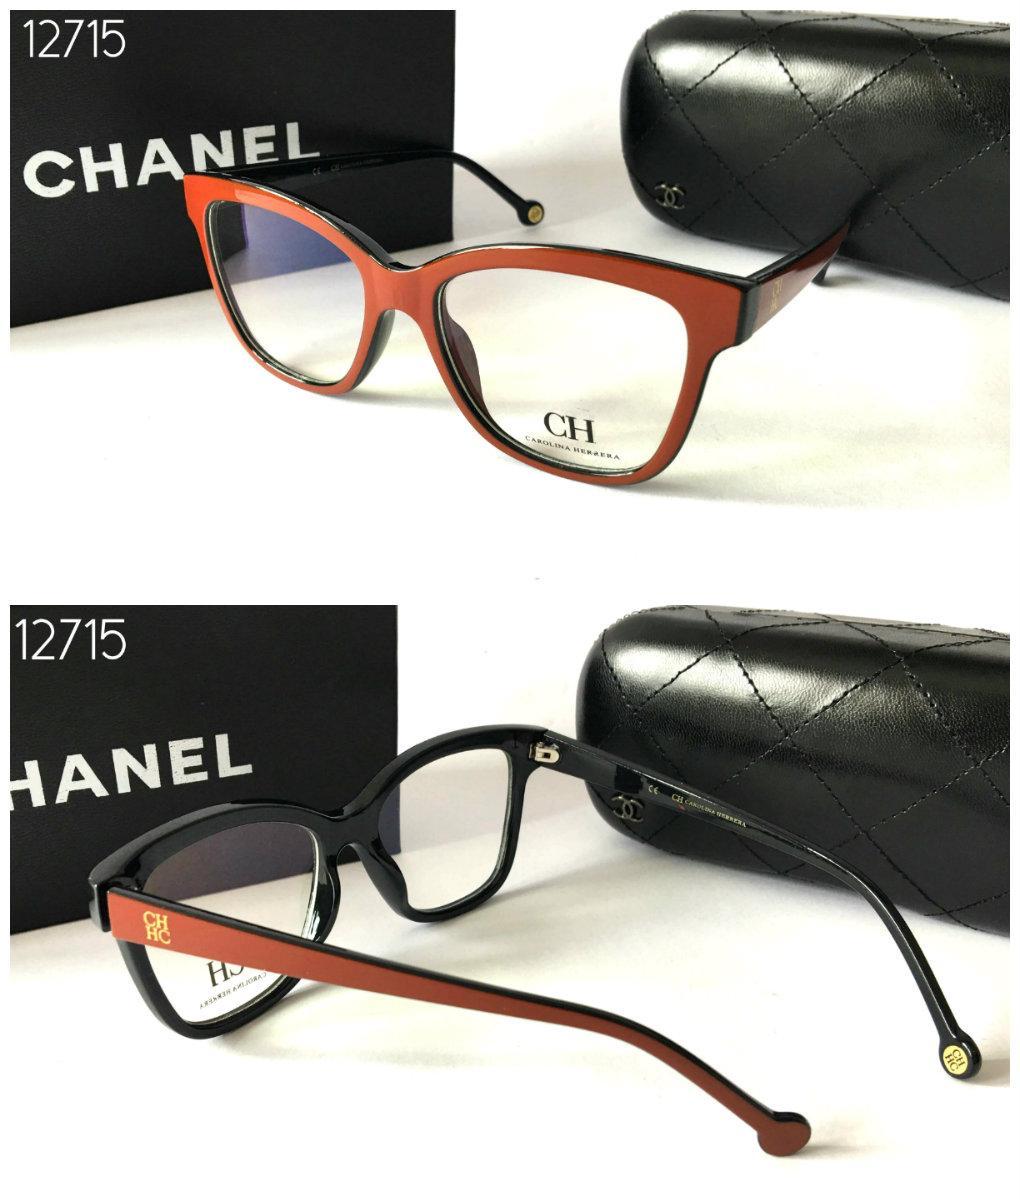 d80d1f2c6733 Красивая стильная женская Оправа Chanel для имиджевых очков